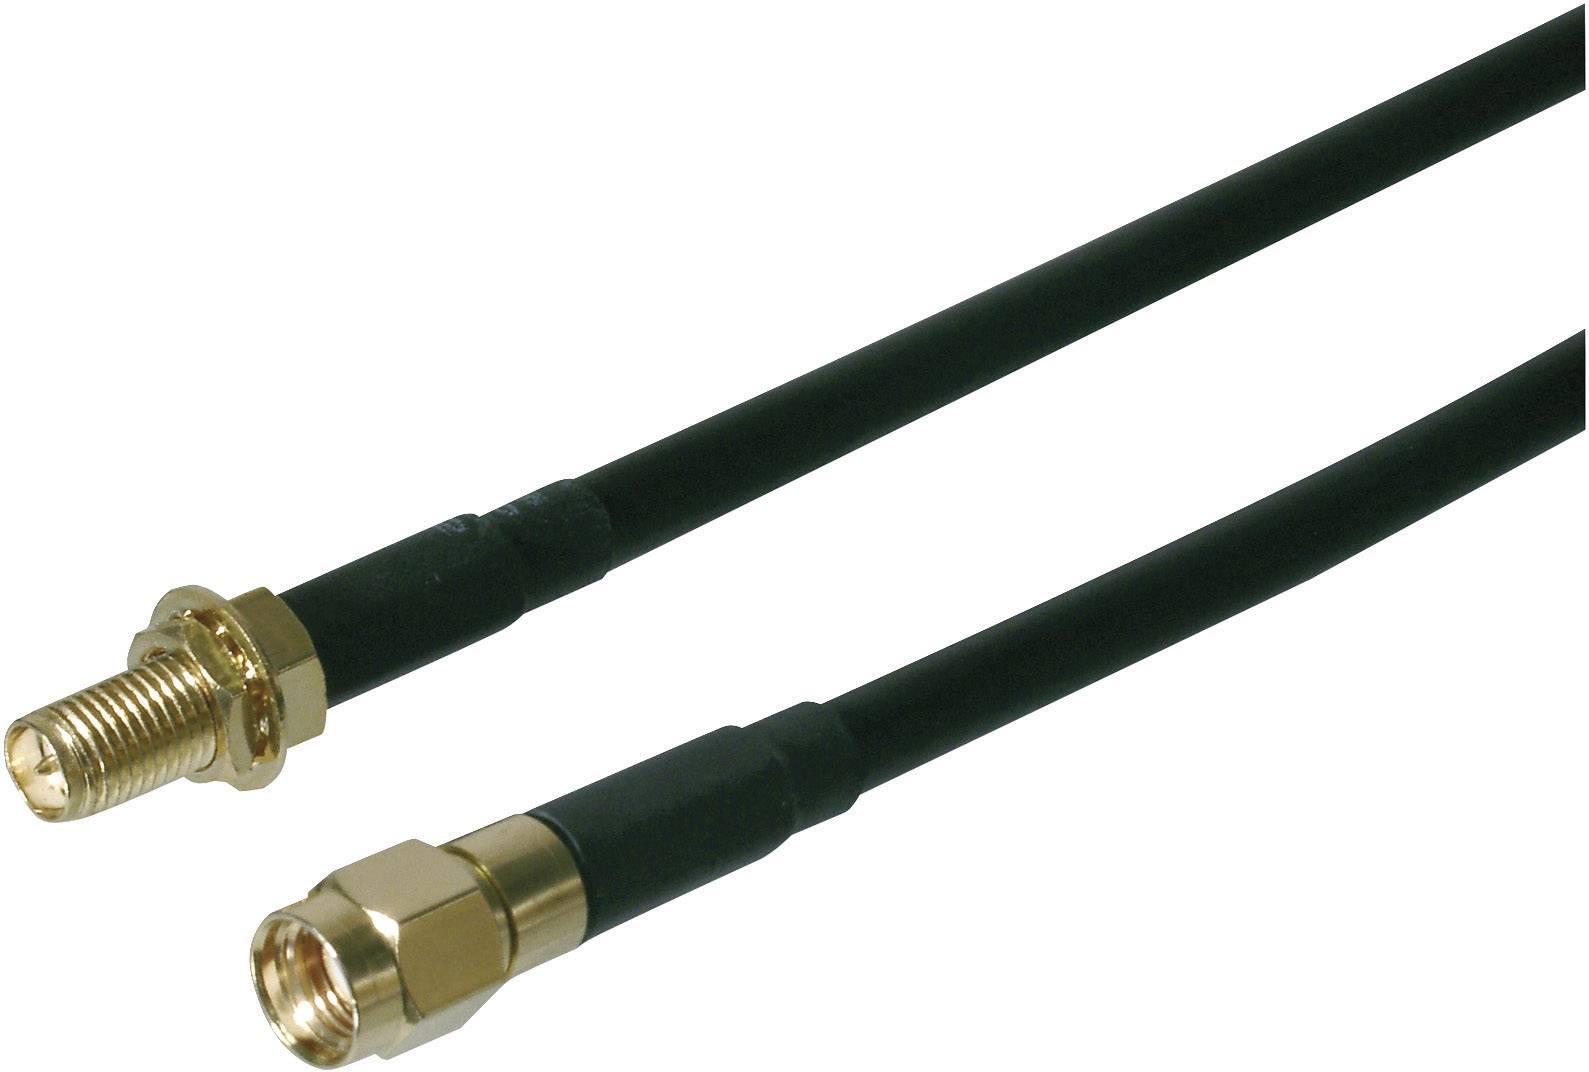 Anténí kabel vhodný pro Wi-Fi, SMA vidlice ⇔ SMA zásuvka, 2 m, černý, Digitus